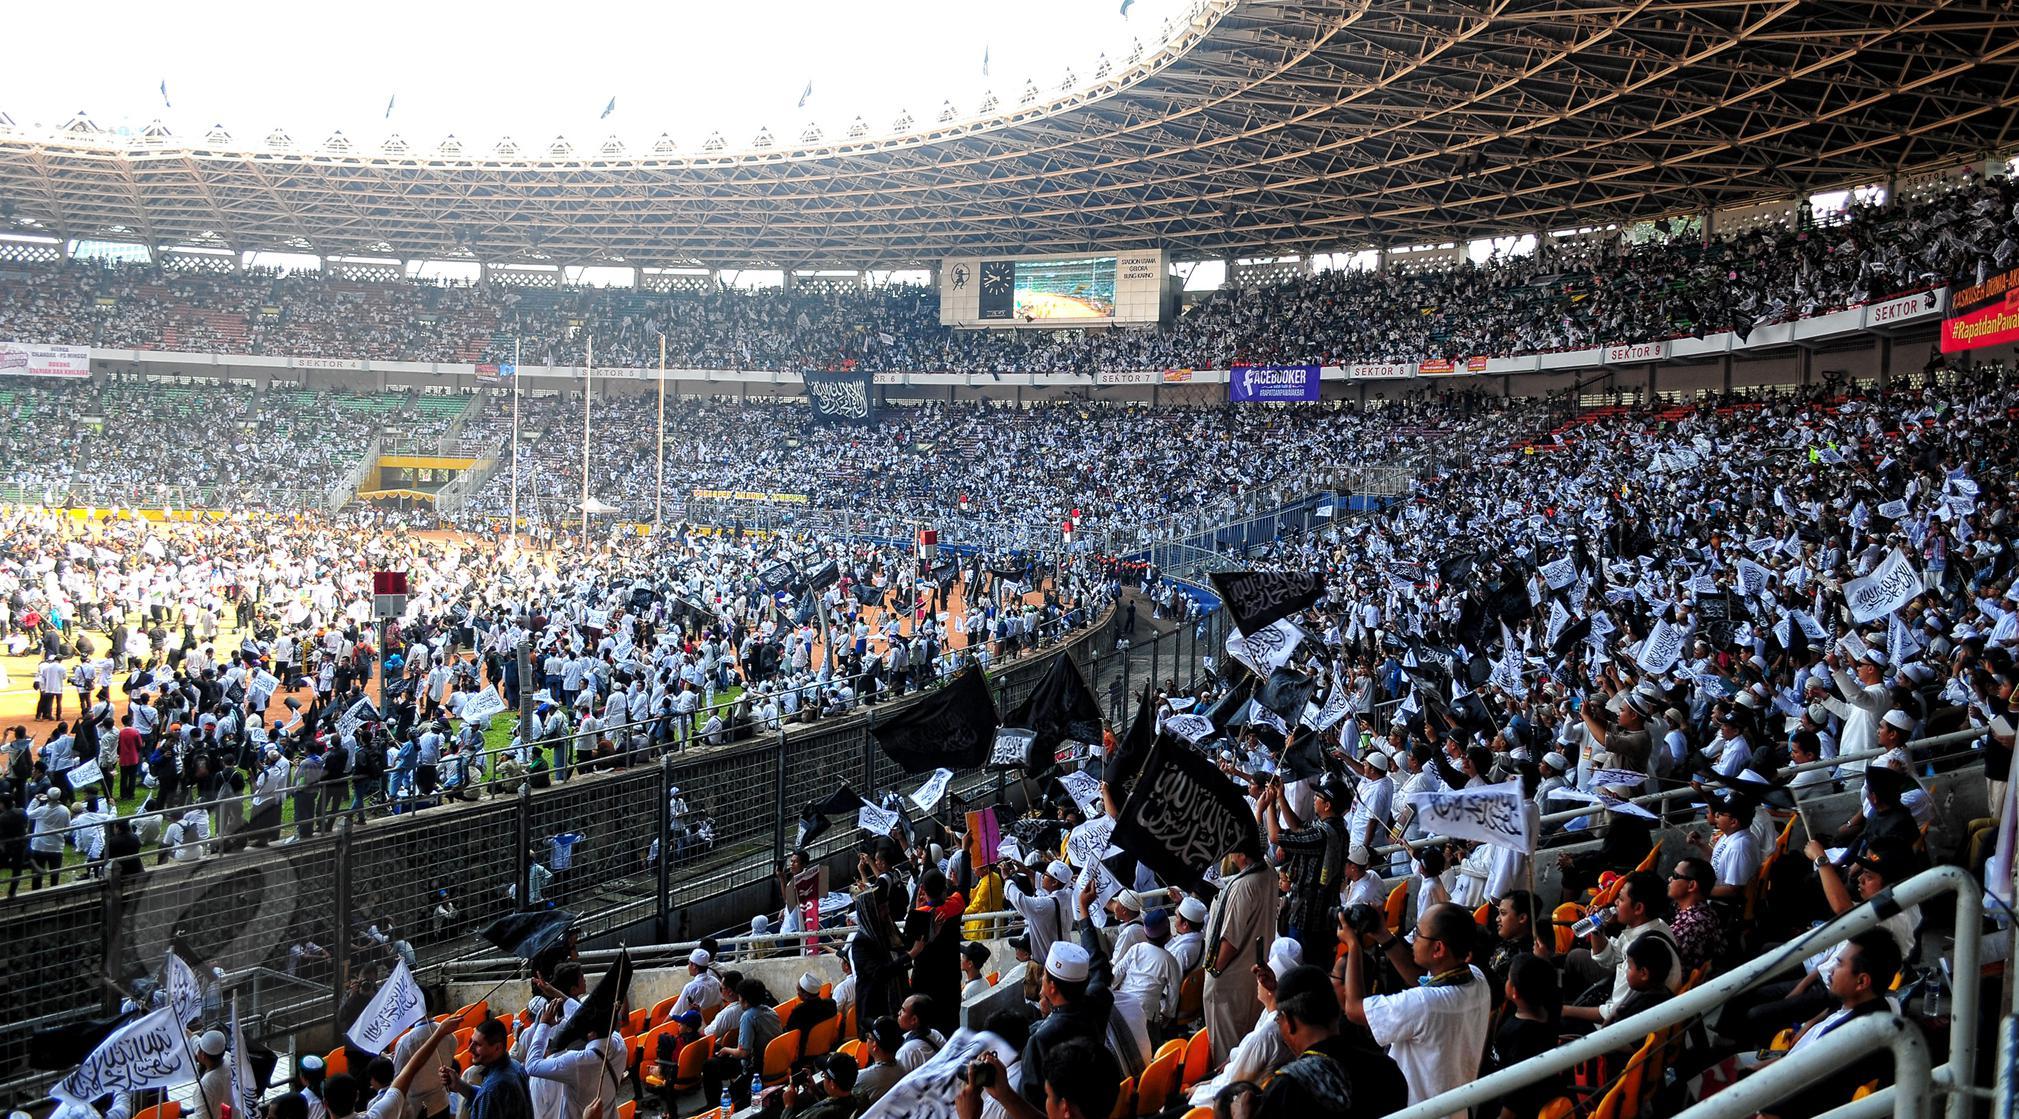 """Ribuan jamaah Hizbut Tahrir Indonesia (HTI) yang didominasi pakaian berwarna putih itu menghadiri Rapat dan Pawai Akbar (RPA) 2015 bertema """"Bersama Umat Tegakkan Khilafah"""" di Stadion Gelora Bung Karno, Jakarta, Sabtu (30/5). (Liputan6.com/Yoppy Renato)"""